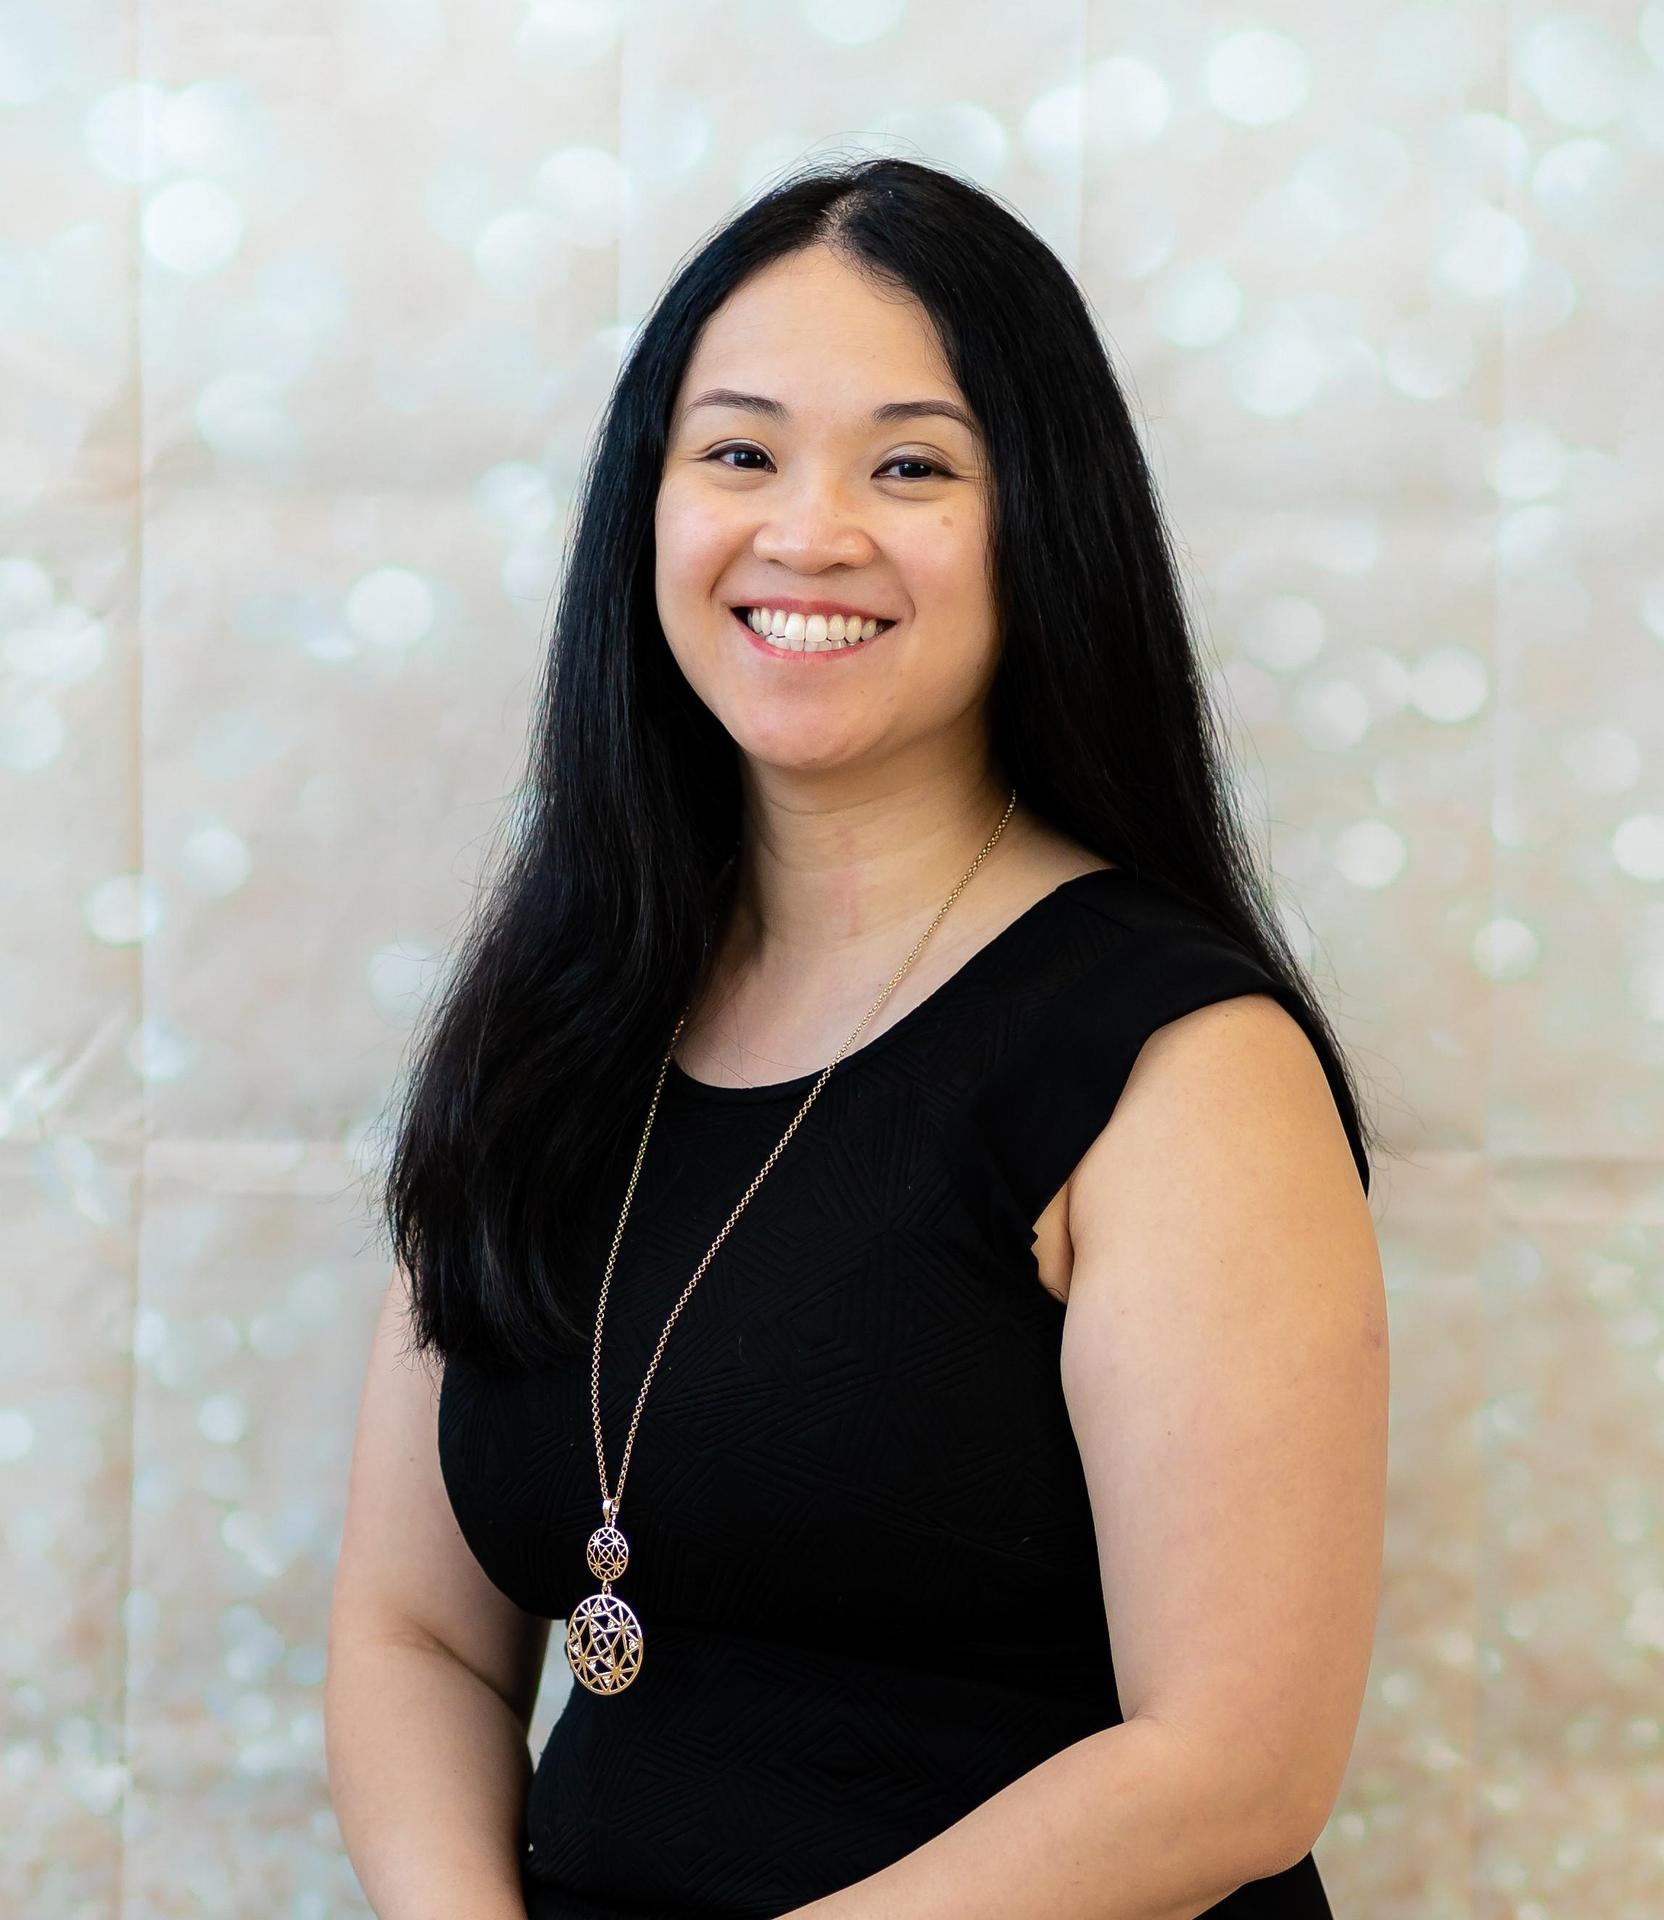 Ms. Karen Pang